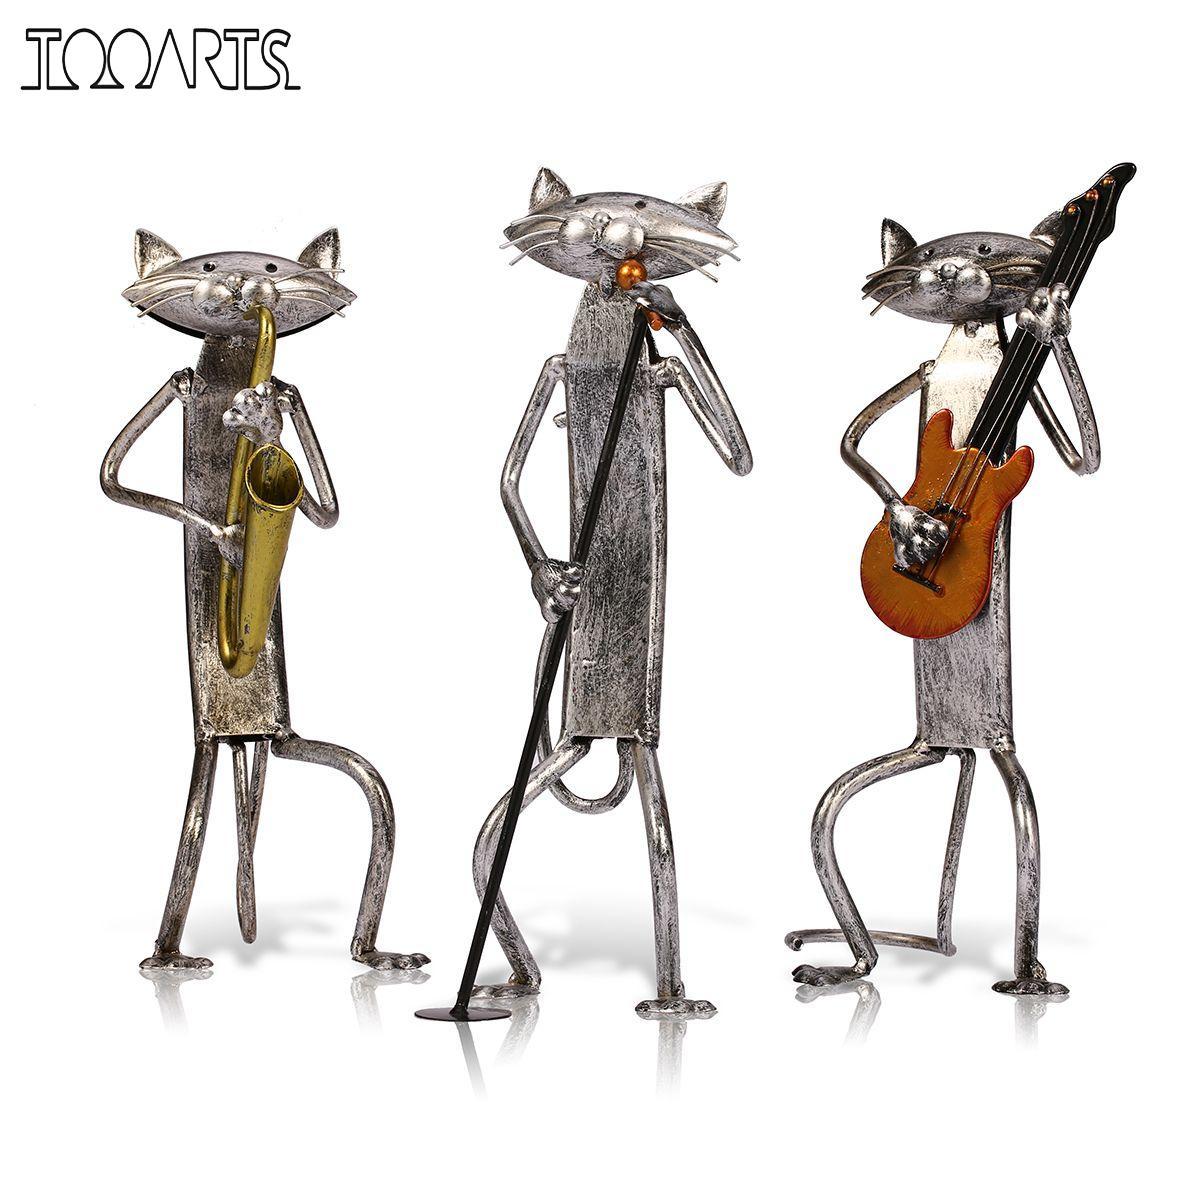 TOOARTS Orchestre Band Musicien Figurines 3 Mini Chat Animale Artisanat Moderne Sculpture Décoration de La Maison Accessoires Creative Cadeau